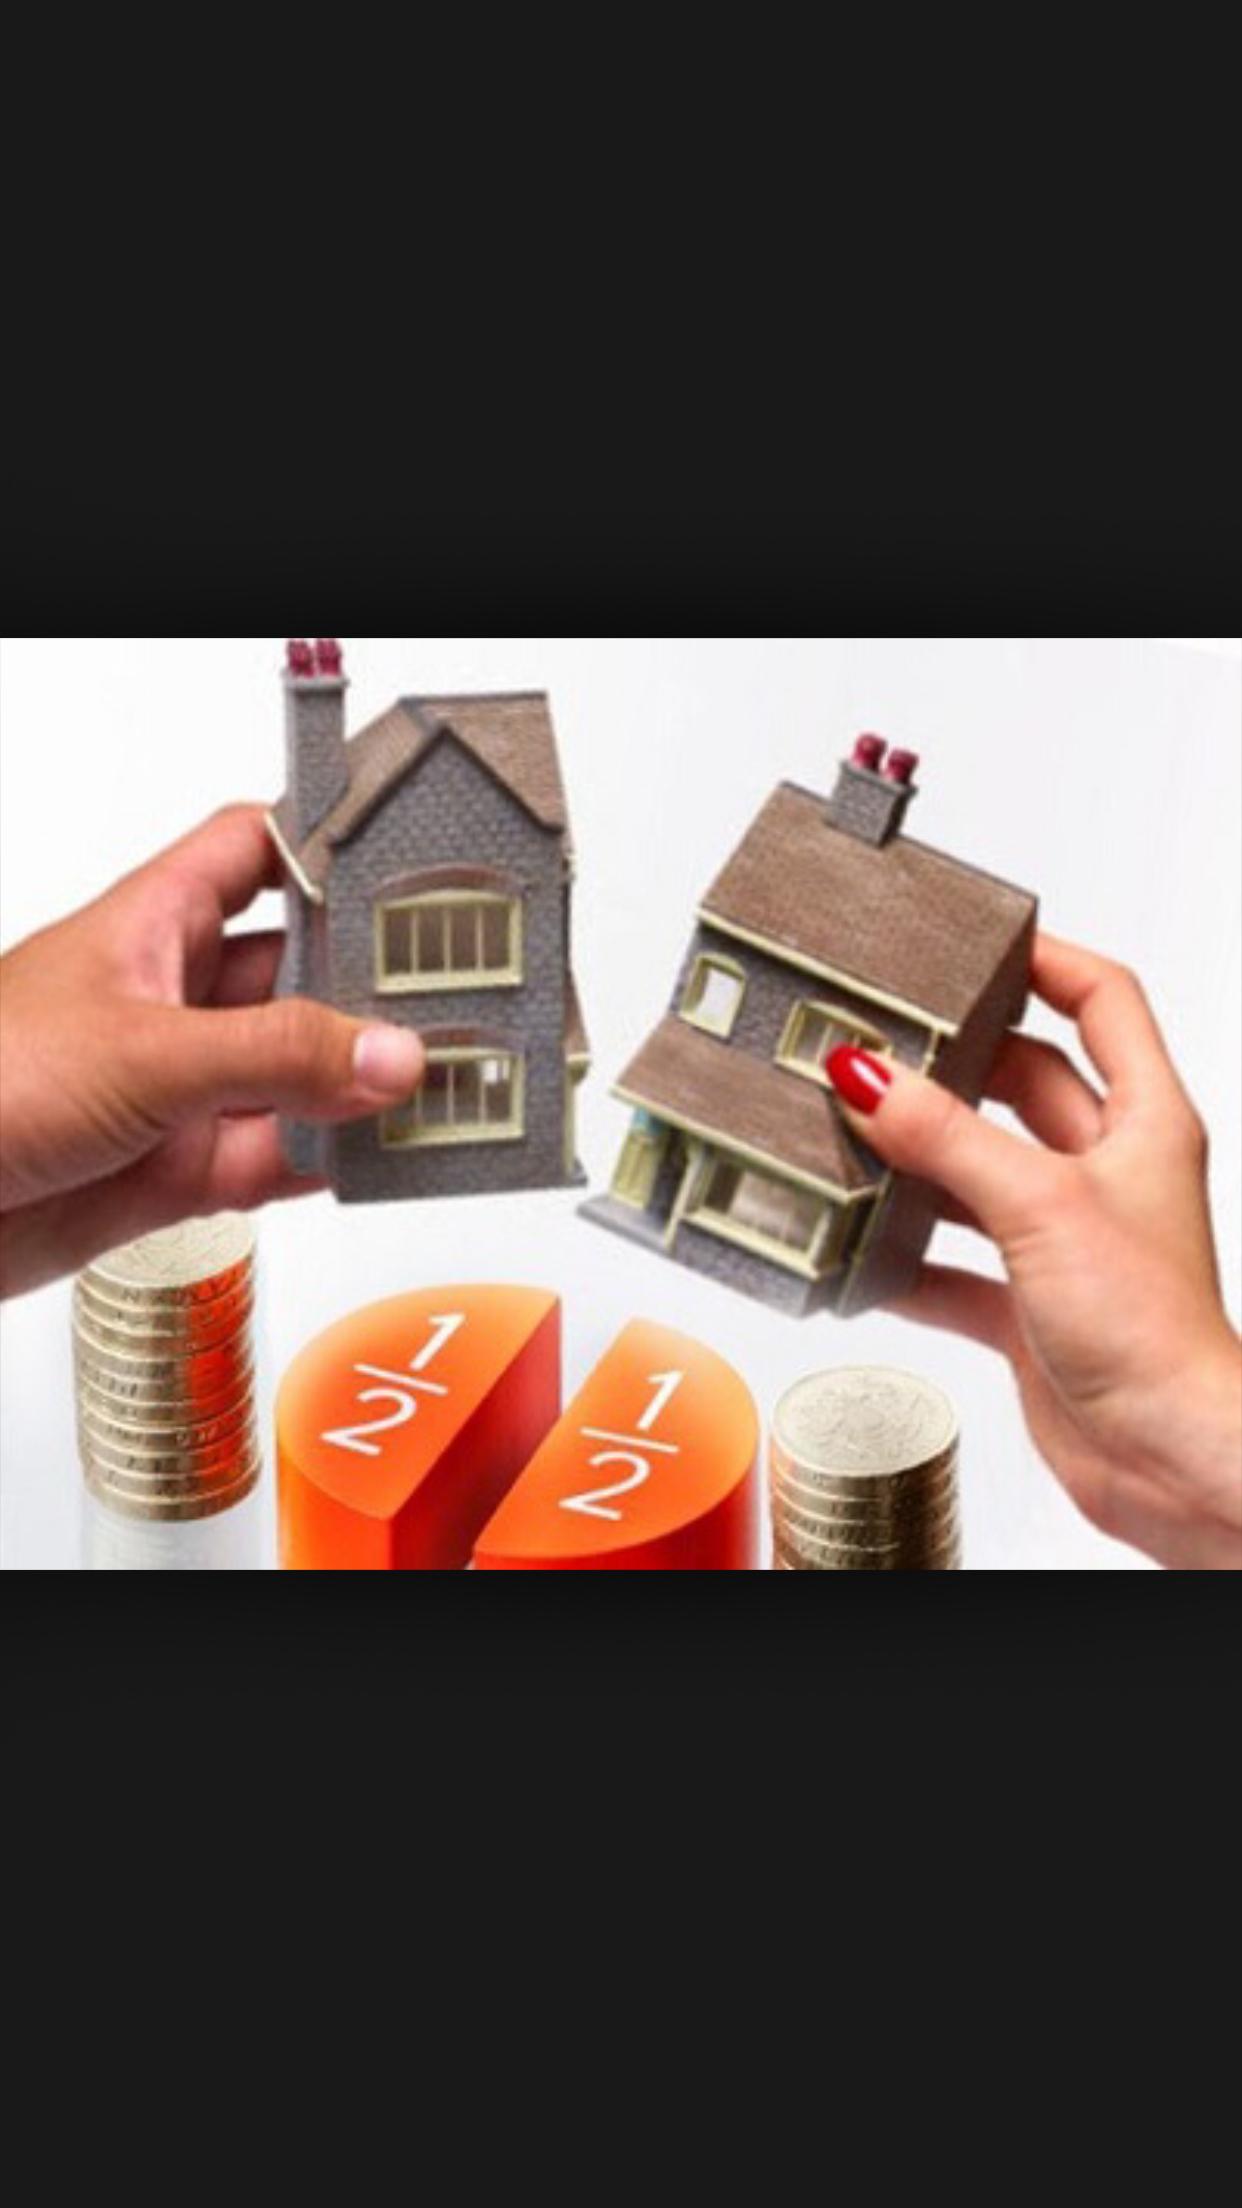 Совместная собственность - как выделить и распорядиться своей 21